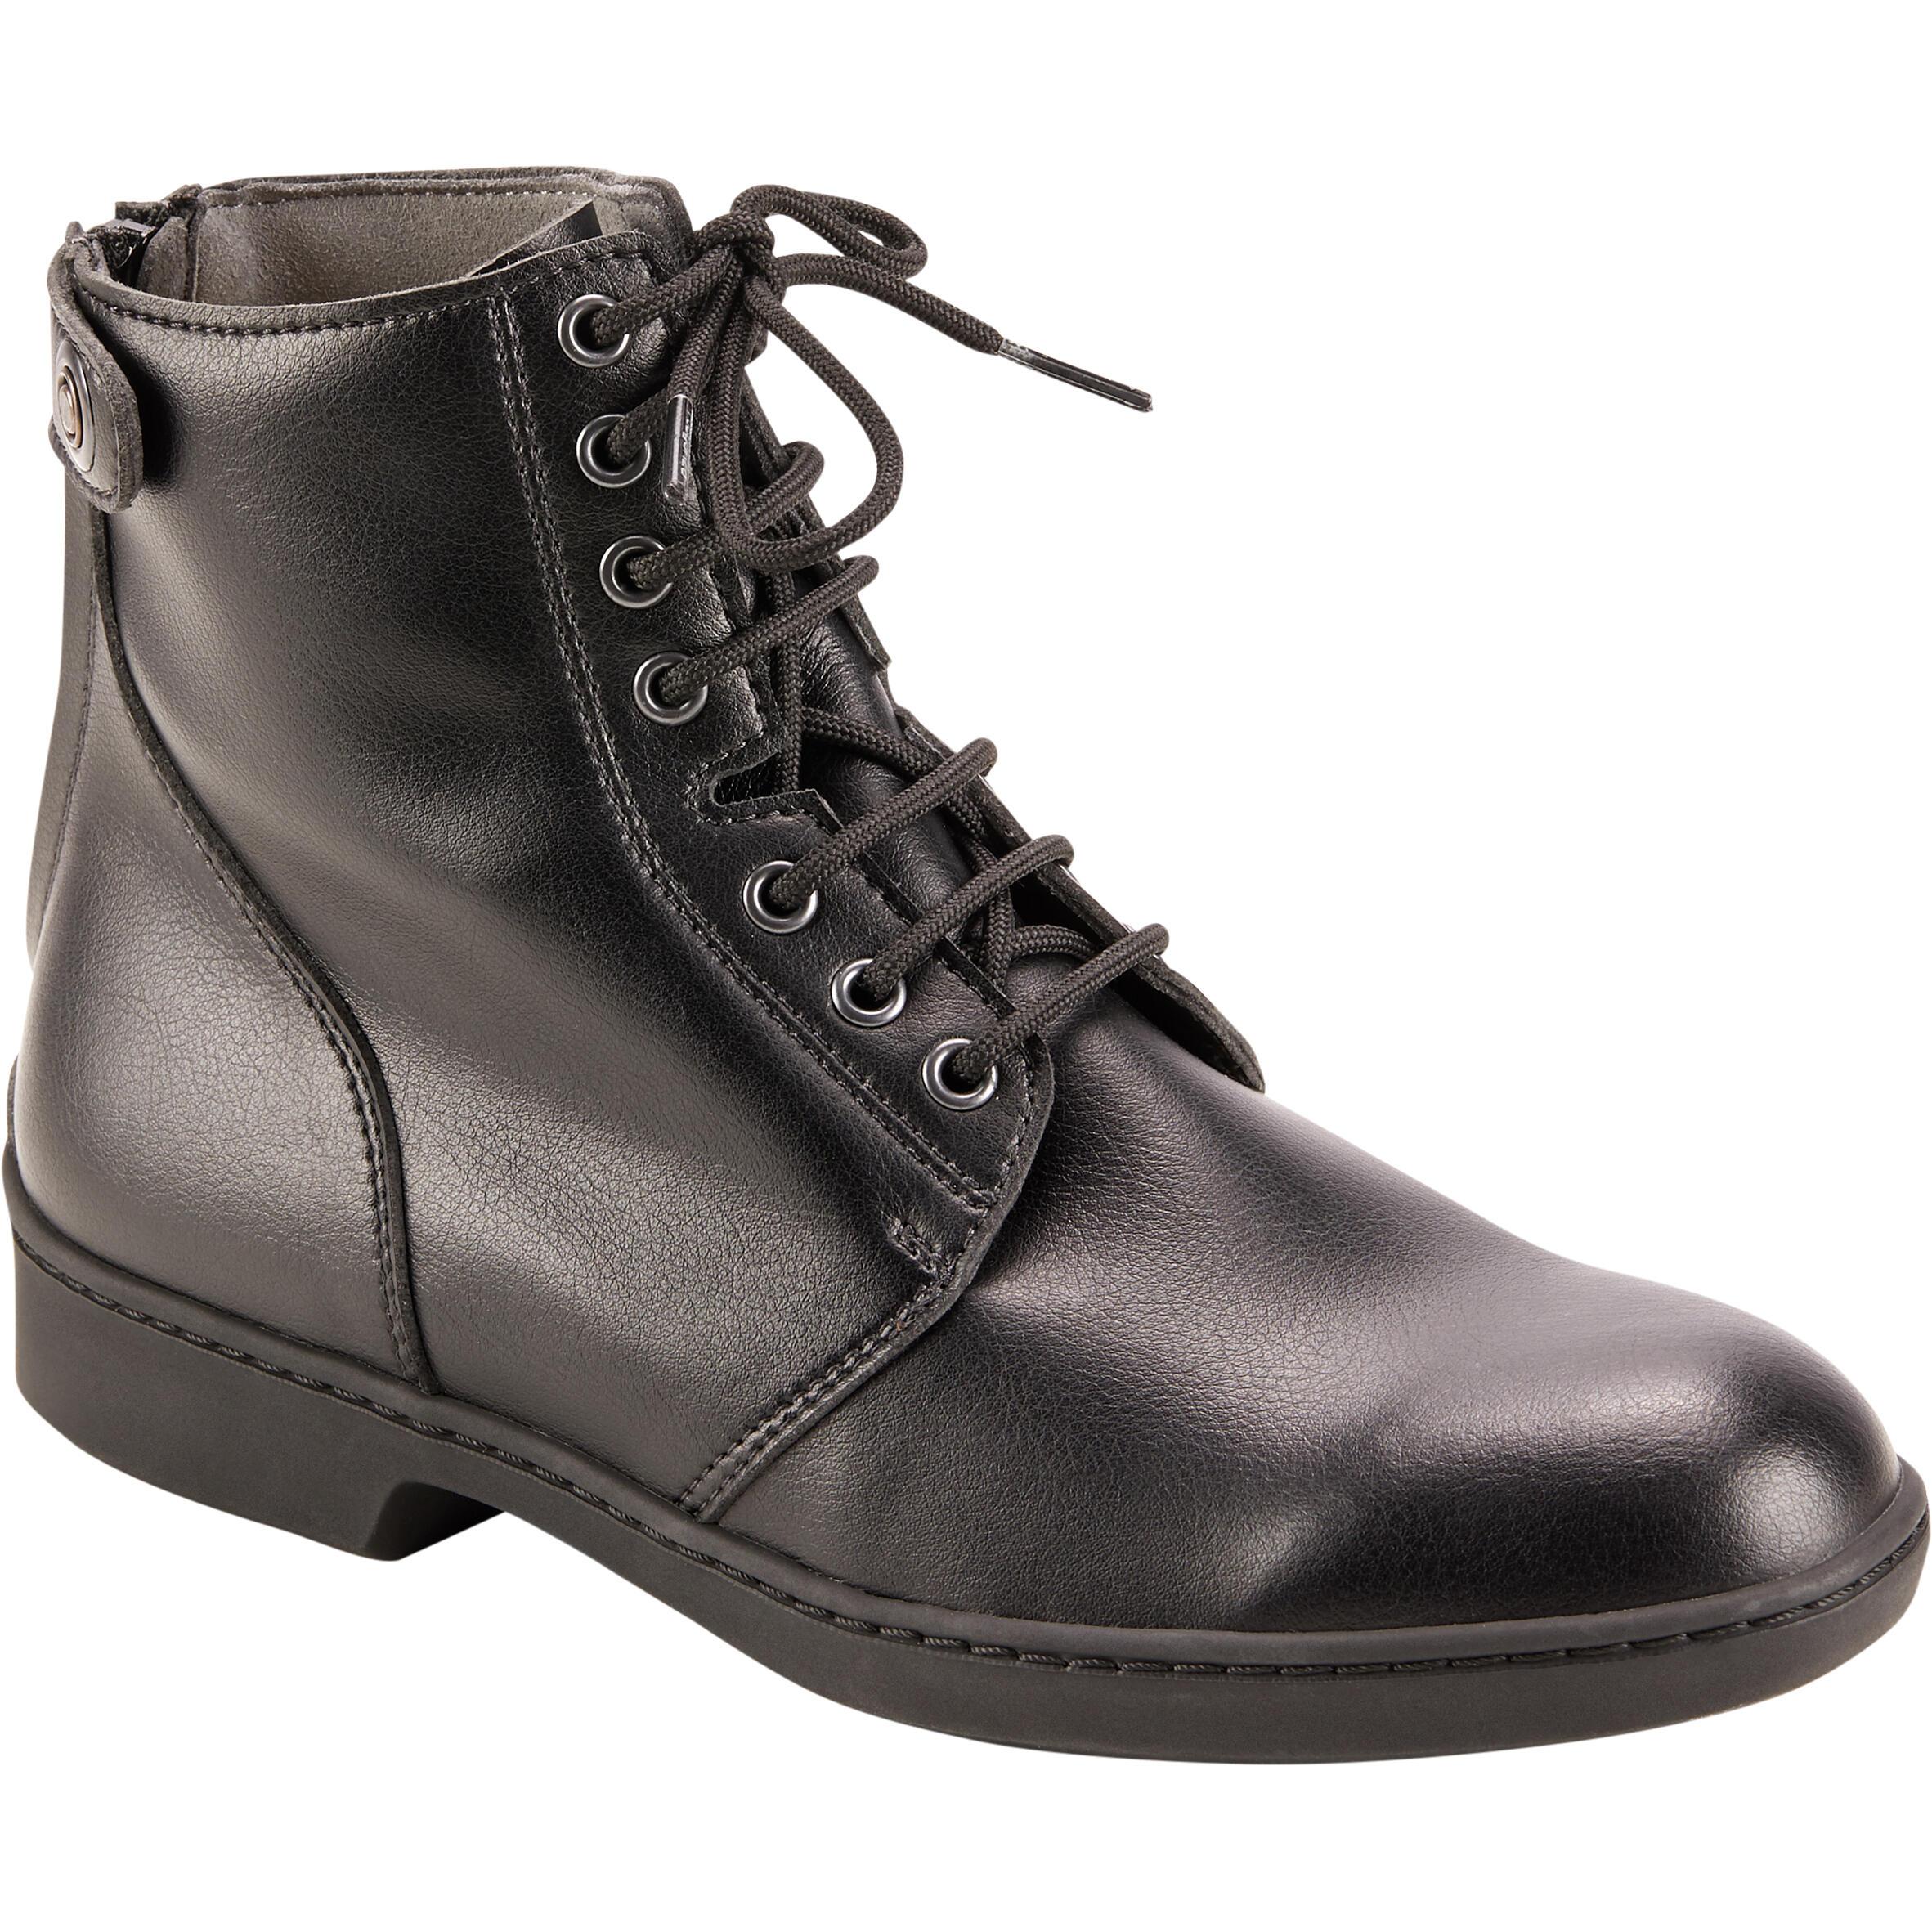 Boots à lacets équitation adulte 500 noir fouganza